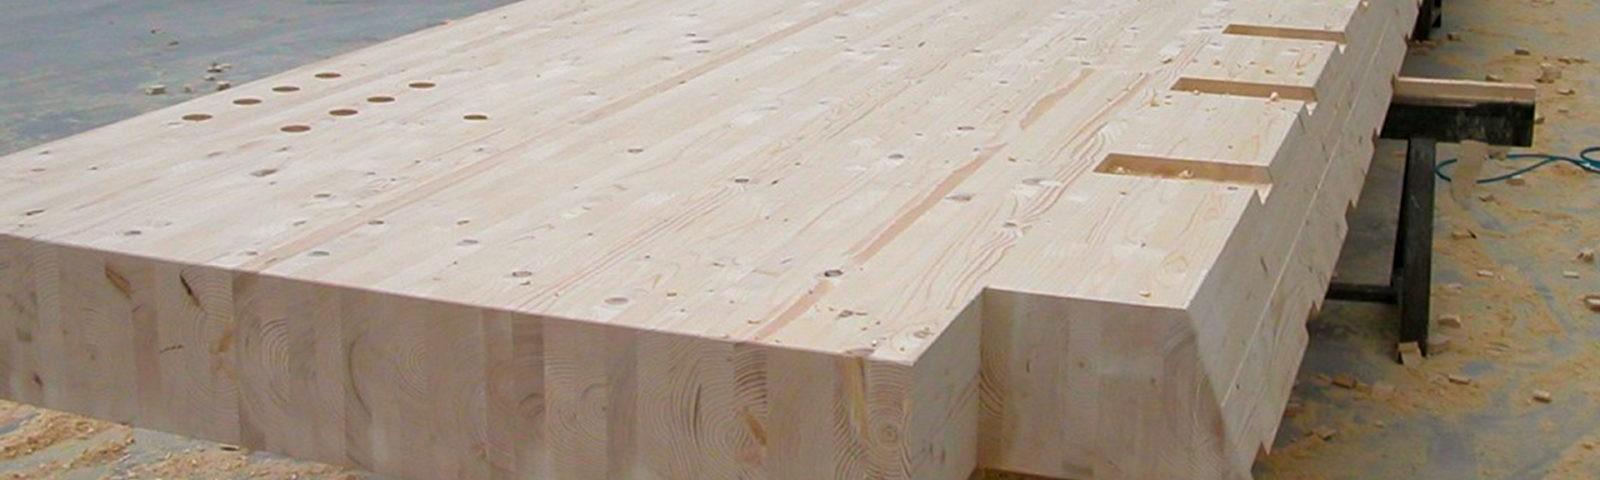 produzione legname padova